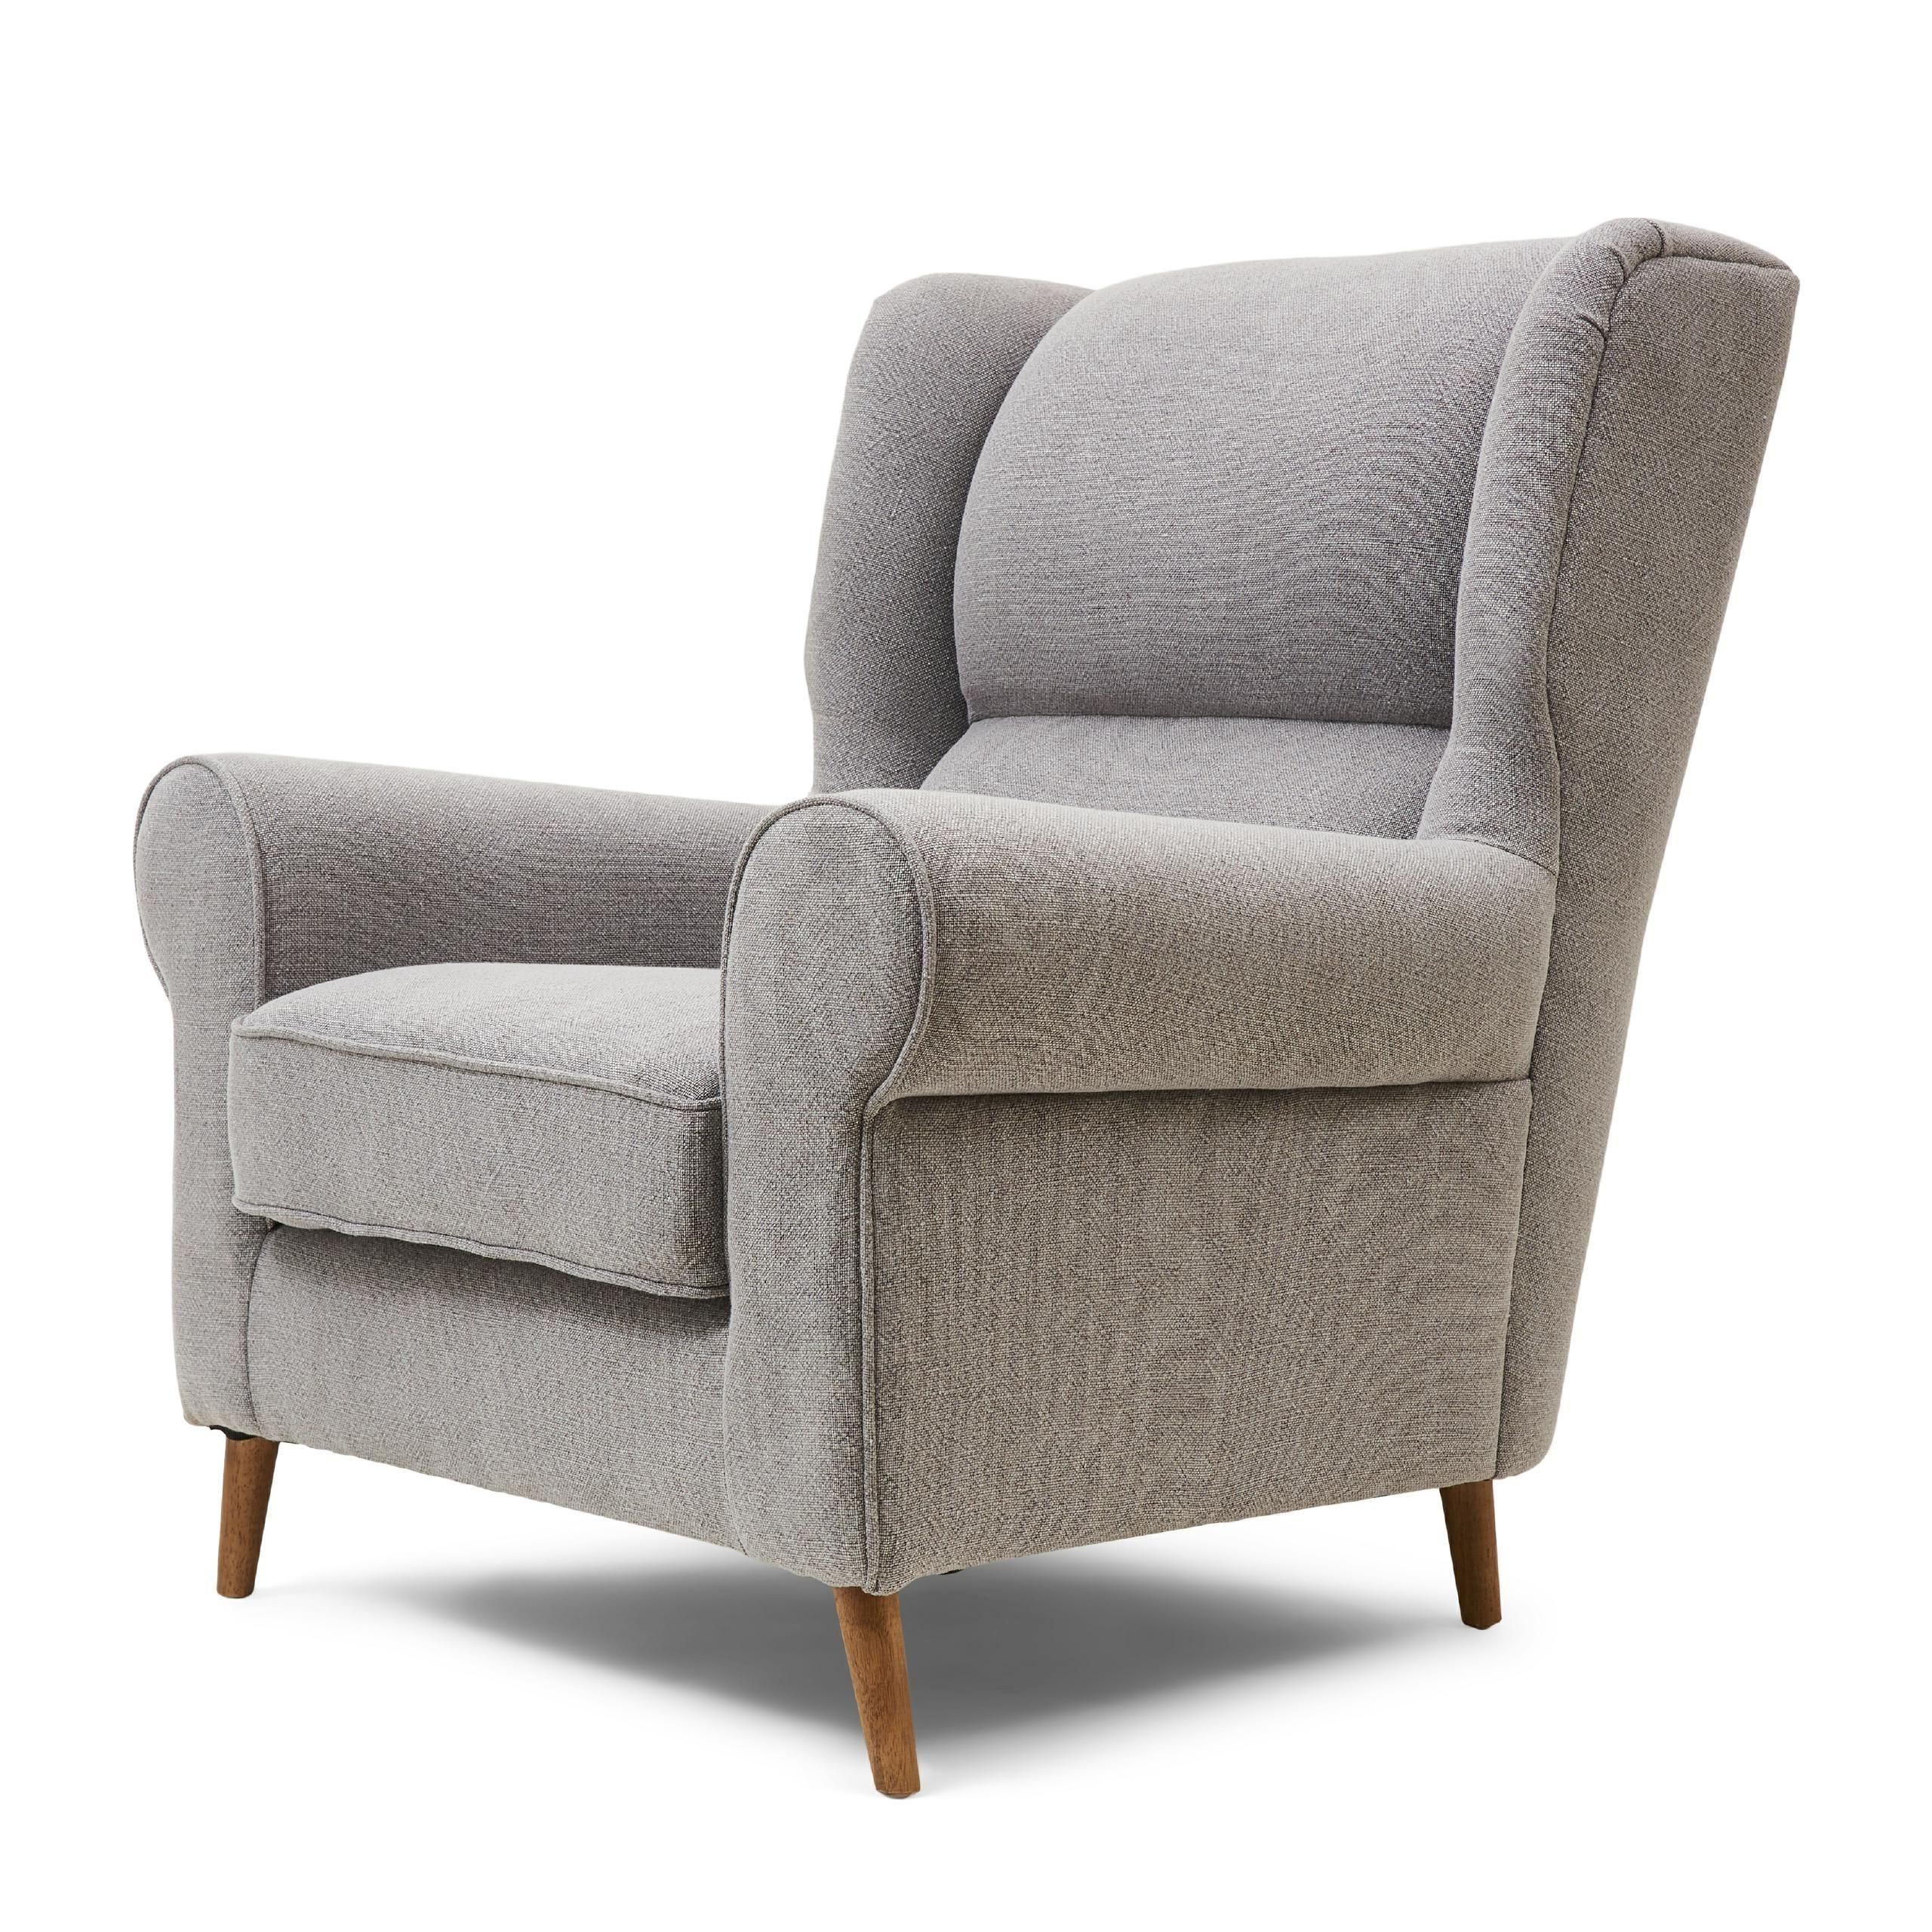 Delano Wing Chair mouliné linen elephant grey / Rivièra Maison